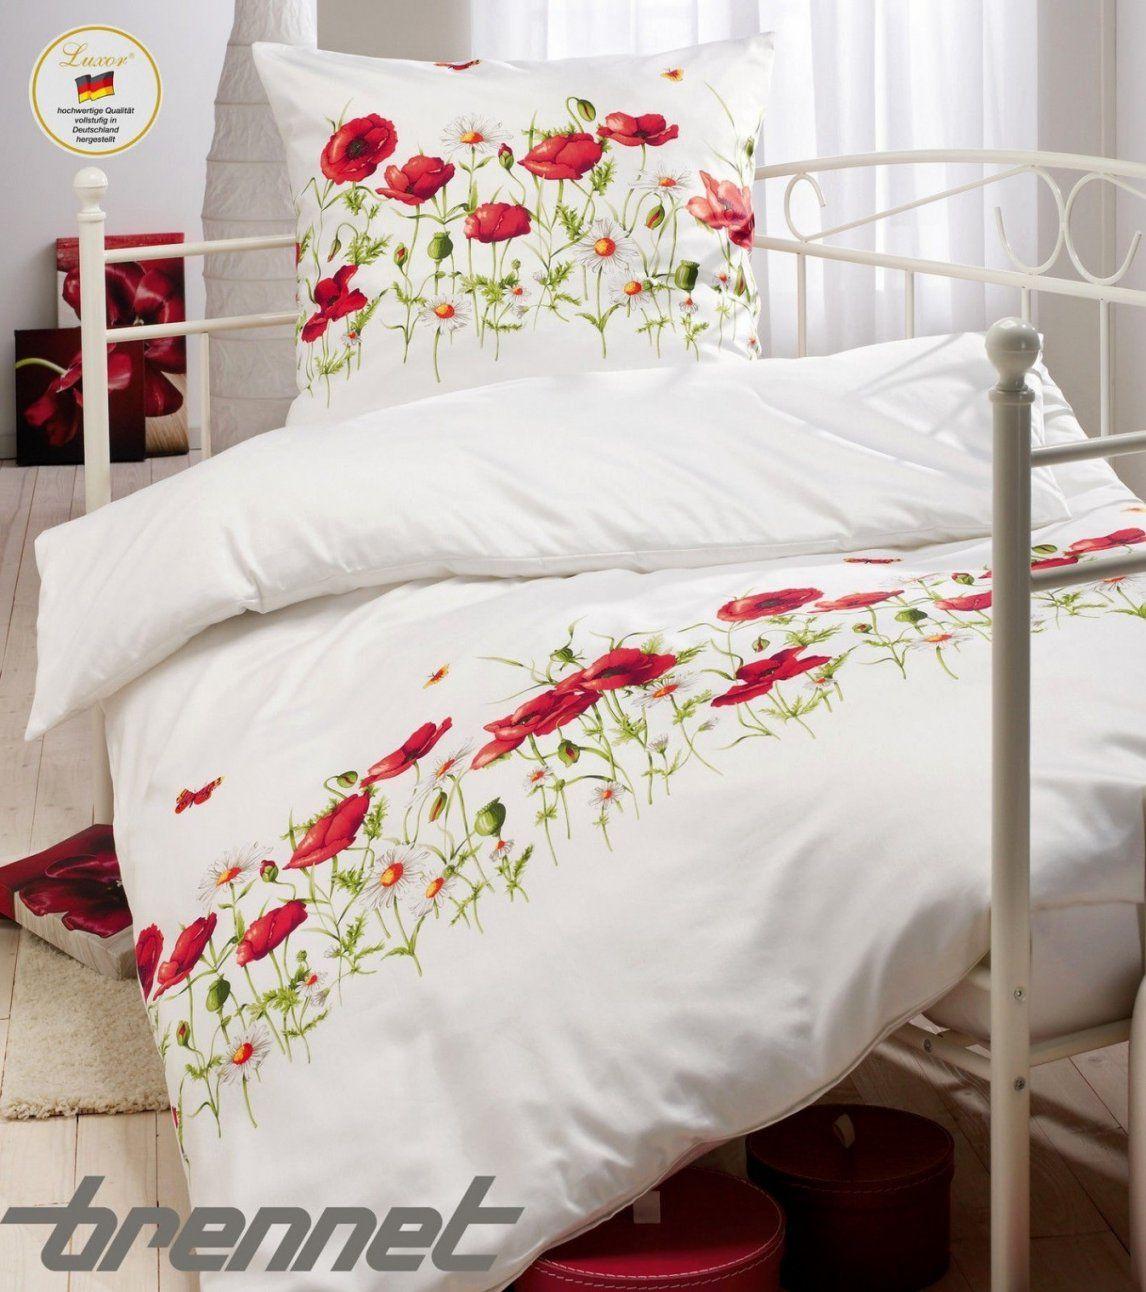 37 Wunderbar Mako Satin Bettwäsche 200X200 Für Ihre Hausdesignideen von Bierbaum Bettwäsche 200X200 Photo